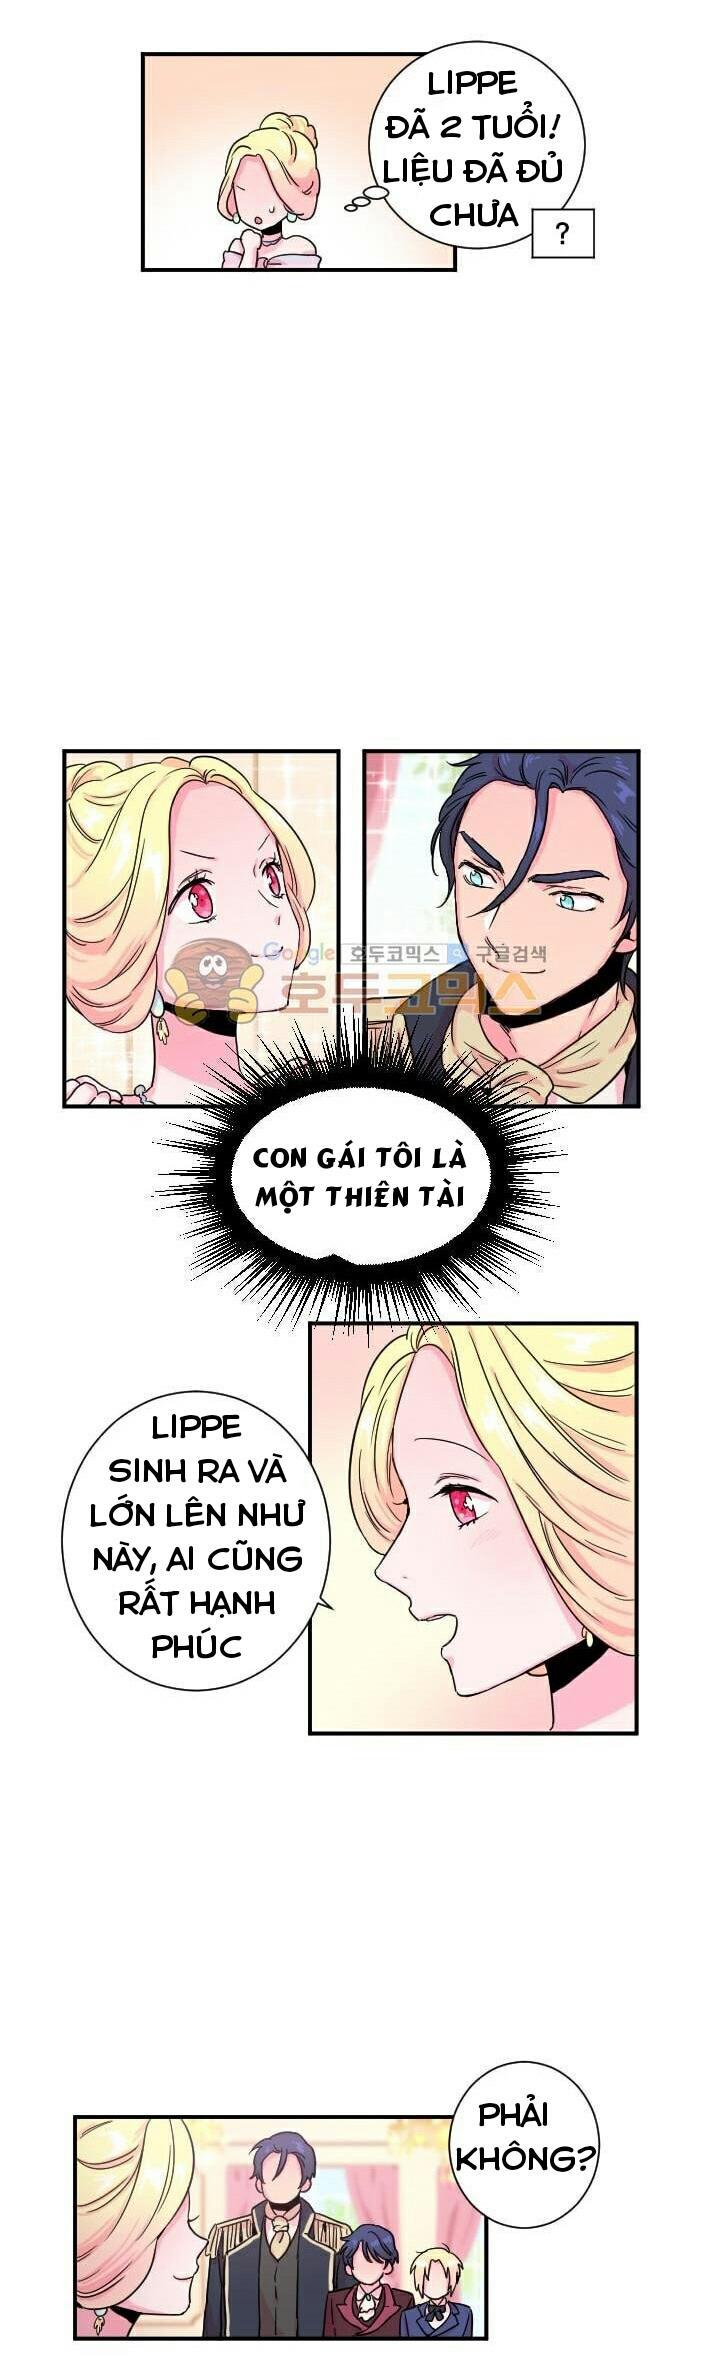 Tiểu Thư Bé Bỏng Đáng Yêu! chap 13 - Trang 21